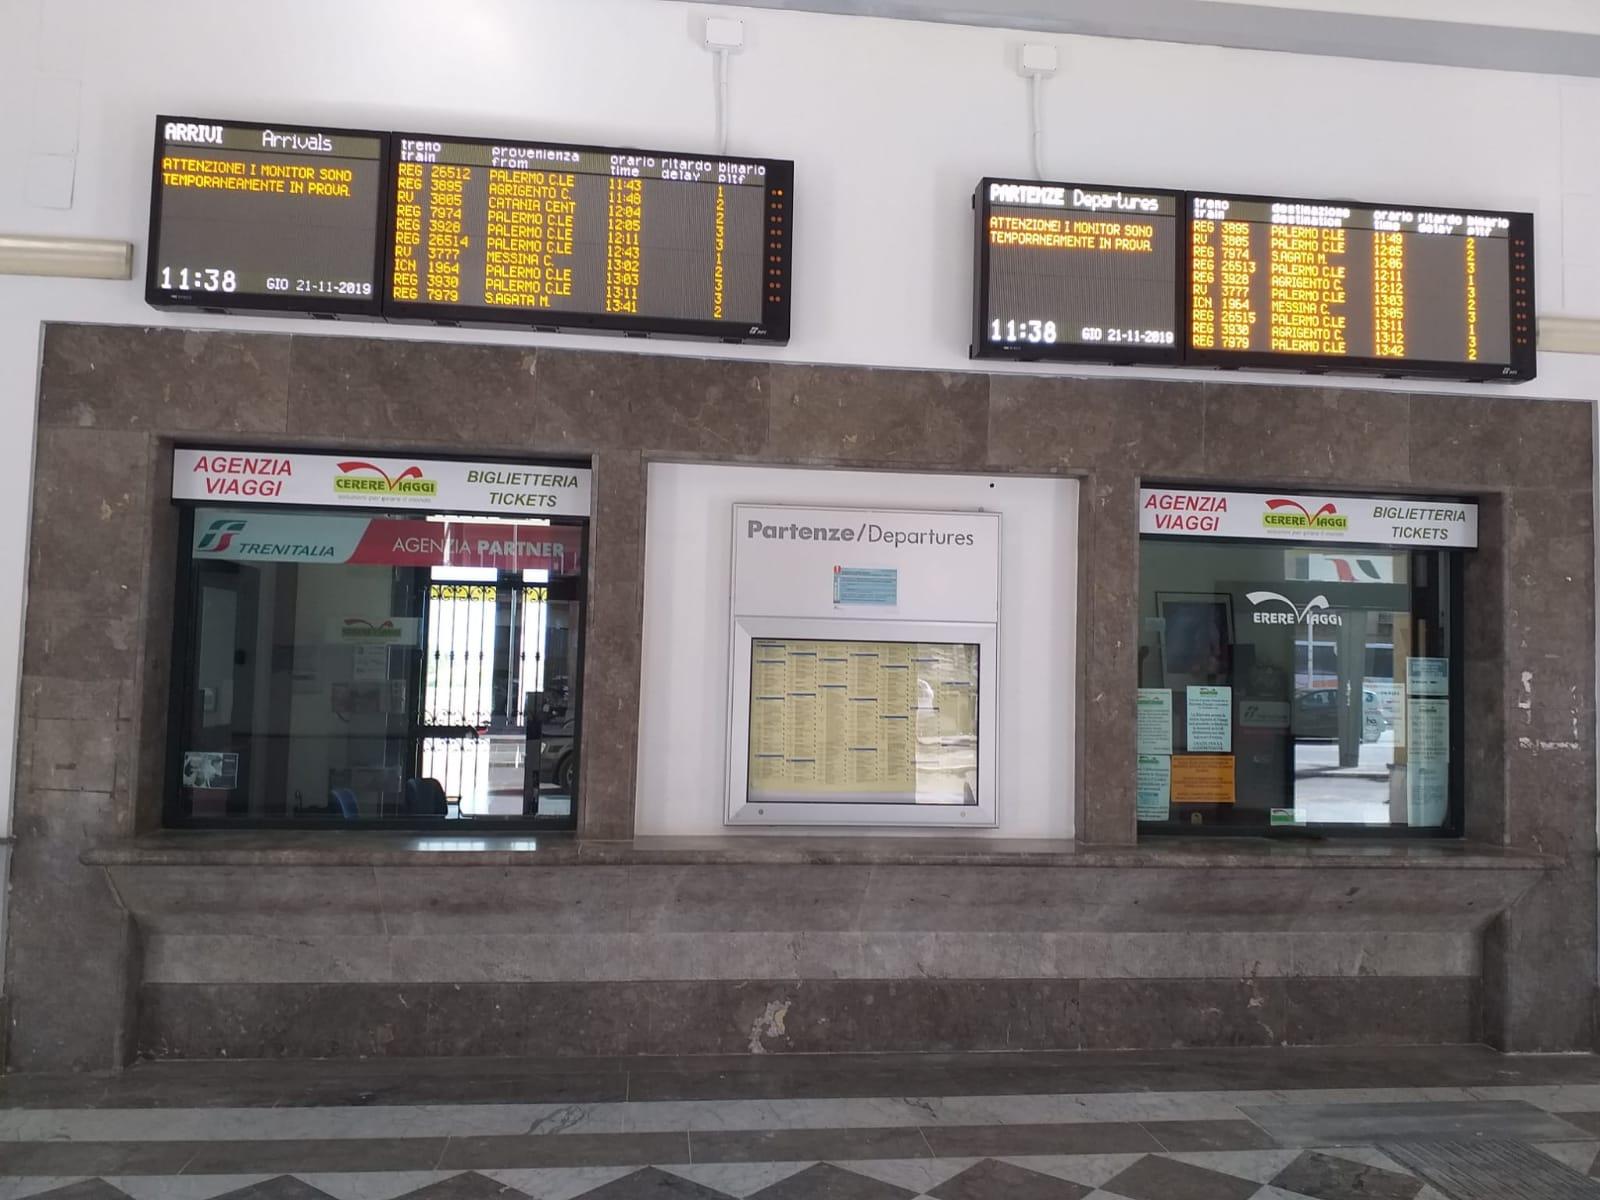 Operativi nuovi sistemi di informazione ai viaggiatori sulla linea ferroviaria Palermo-Messina